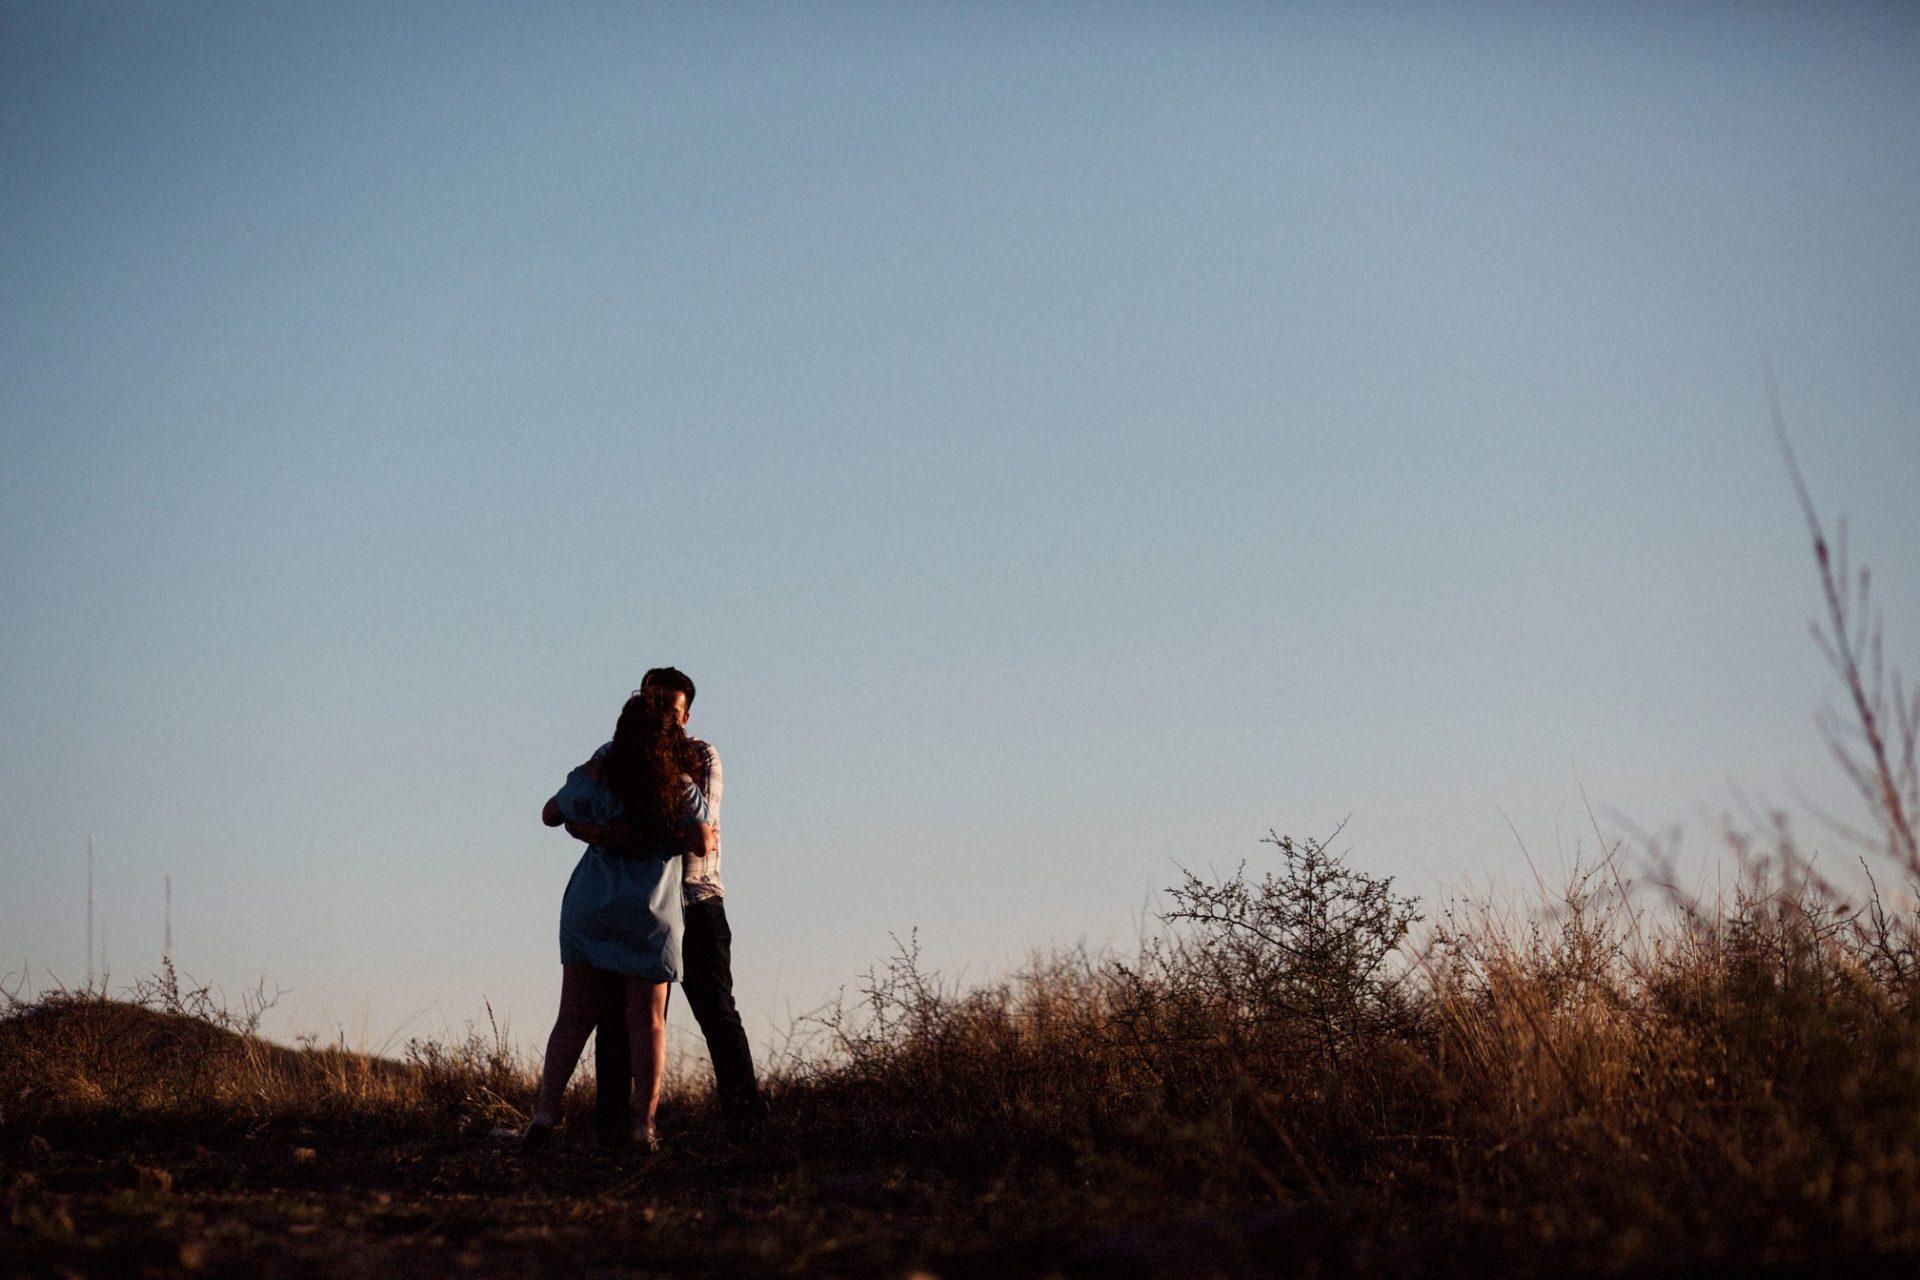 fotografo_profesional_zacatecas_chihuahua_save_the_date_el_rejon-25